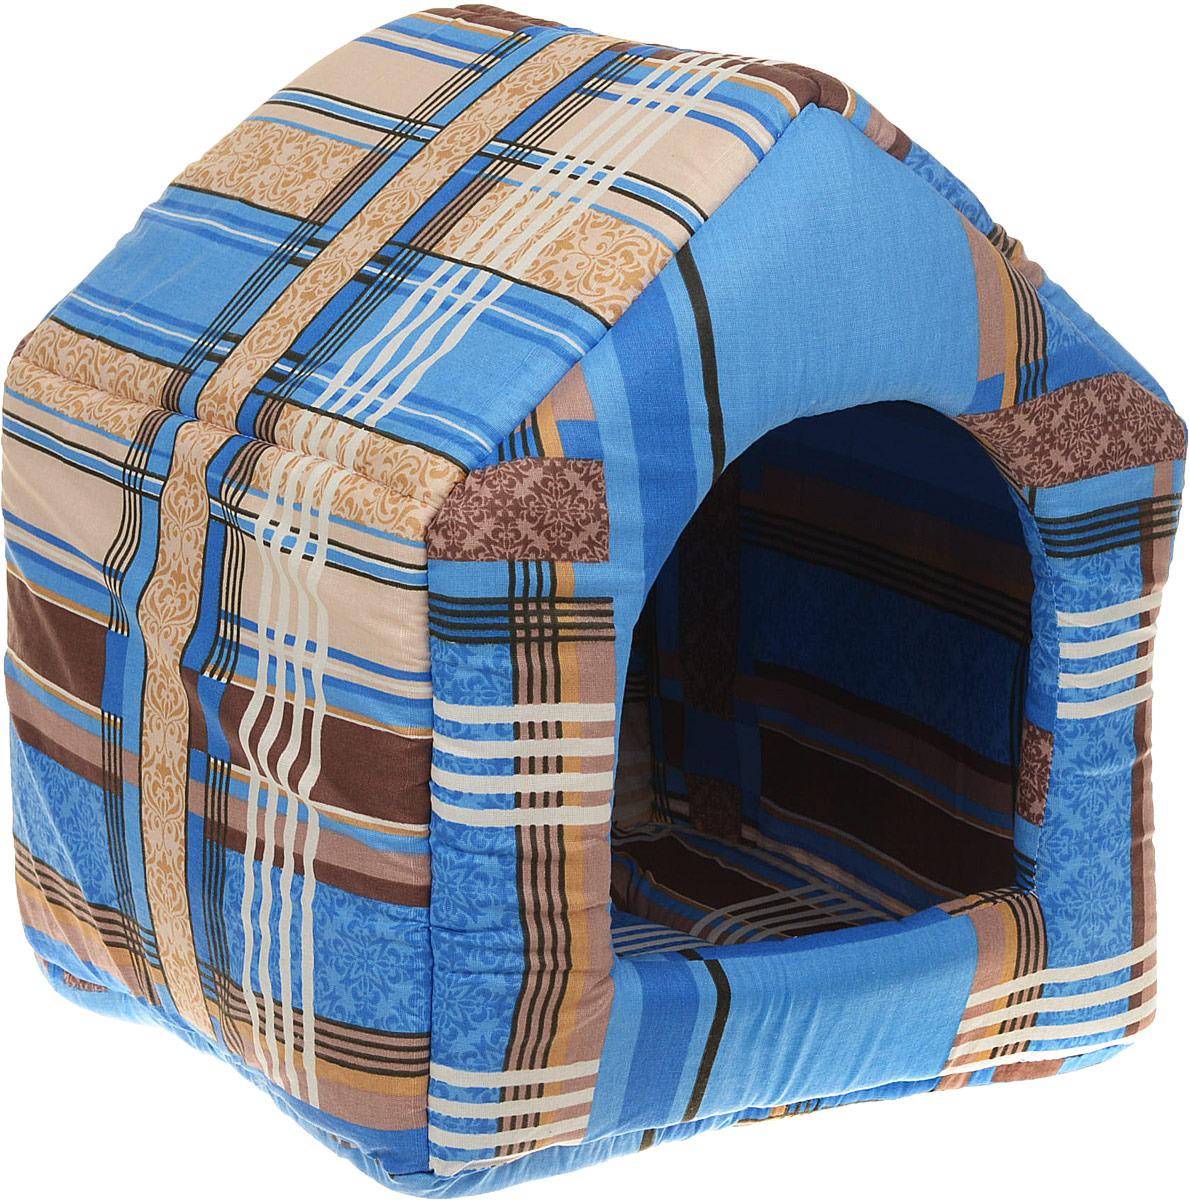 Лежак для животных ЗооМарк Домик-будка №2 Клетка, ЛД-2КС, синий, 43 х 43 х 49 см домик для кошек и собак titbit с игрушкой цвет рыжий 43 см х 43 см х 40 см